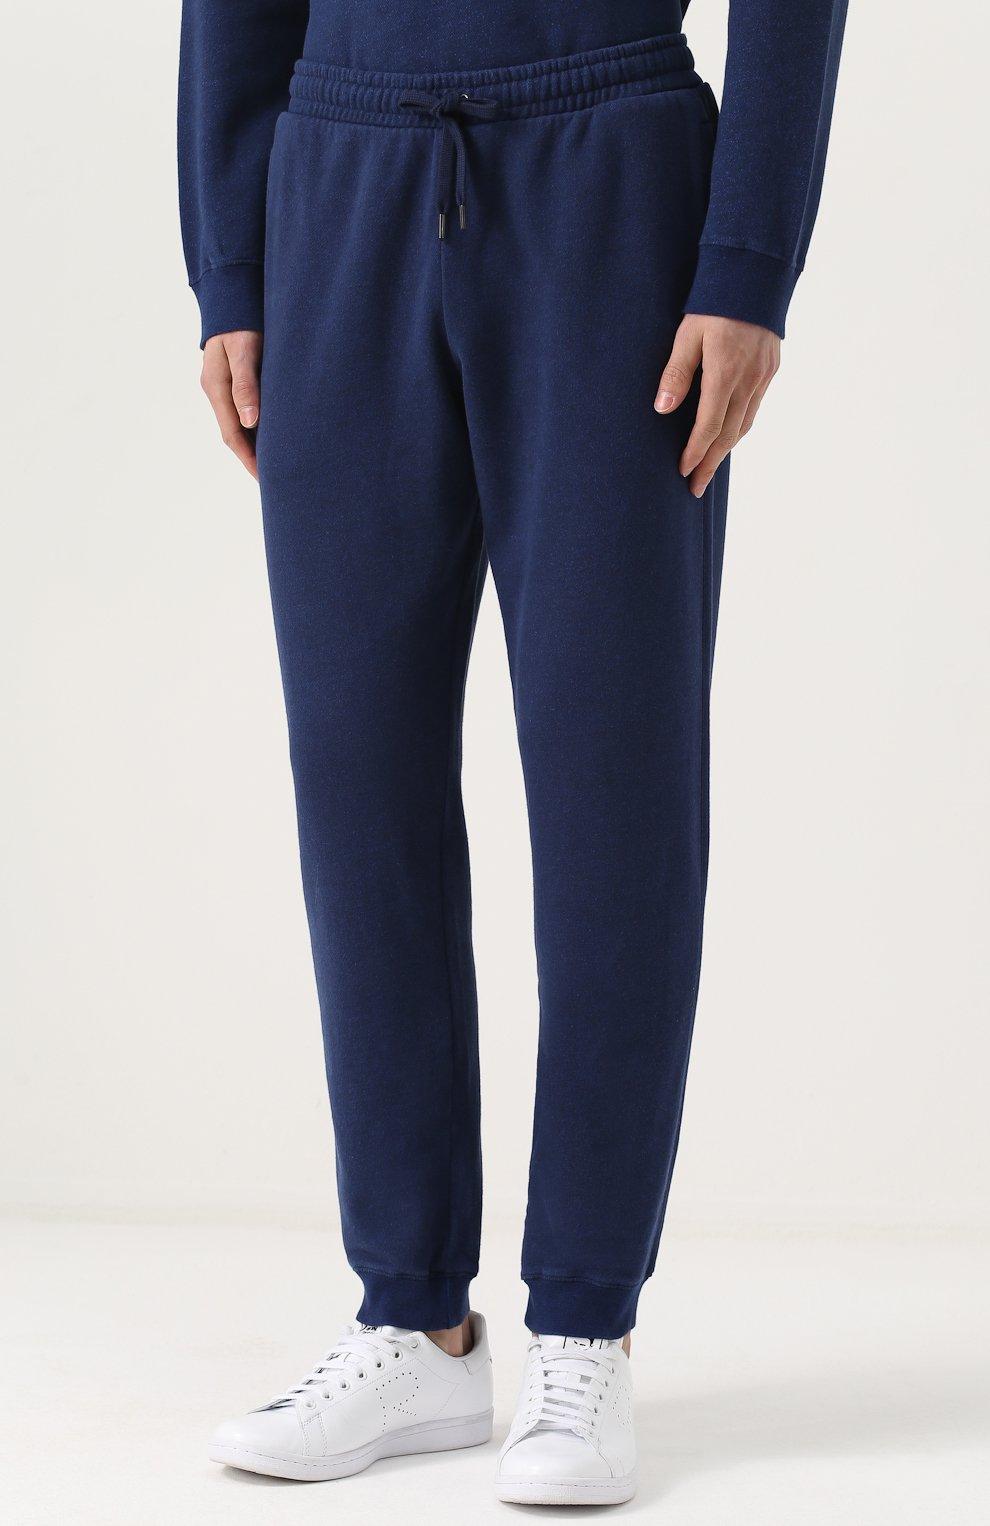 Мужские хлопковые джоггеры DEREK ROSE темно-синего цвета, арт. 9250-DEV0001 | Фото 3 (Мужское Кросс-КТ: Брюки-трикотаж; Длина (брюки, джинсы): Стандартные; Материал внешний: Хлопок; Силуэт М (брюки): Джоггеры)